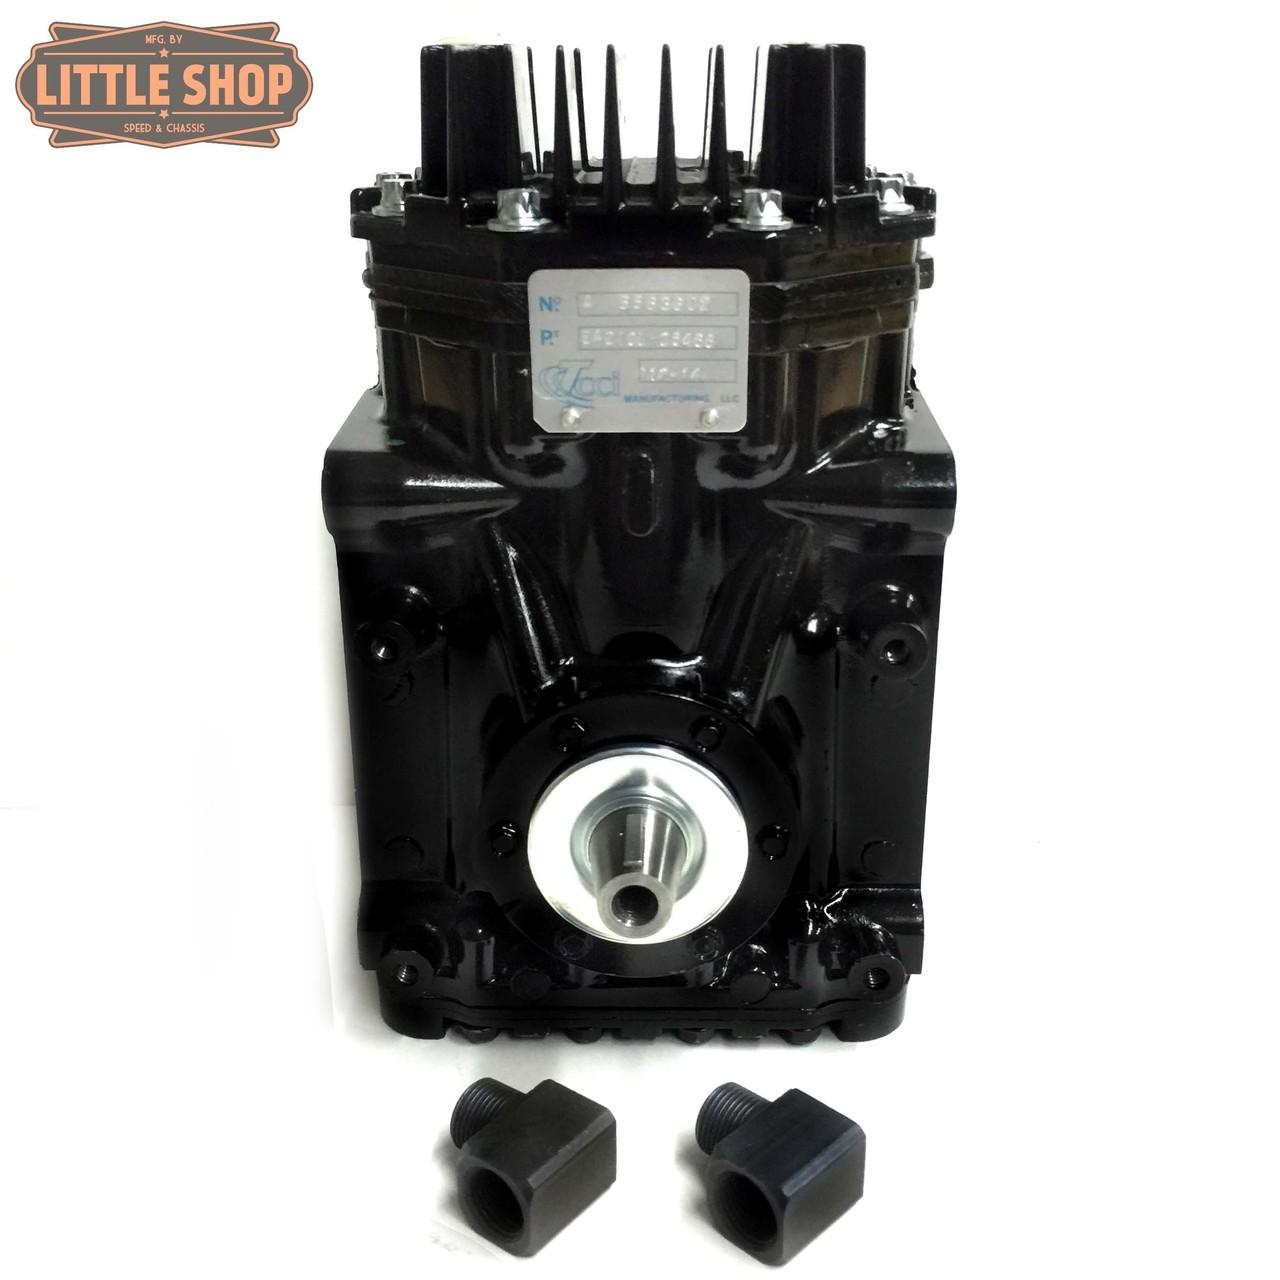 LSMFG-LT-SLM 14'-UP GM 5.3, 6.2 LT Engine Driven Compressor Kit (same kit as EDC kit but with upgraded SLM compressor)